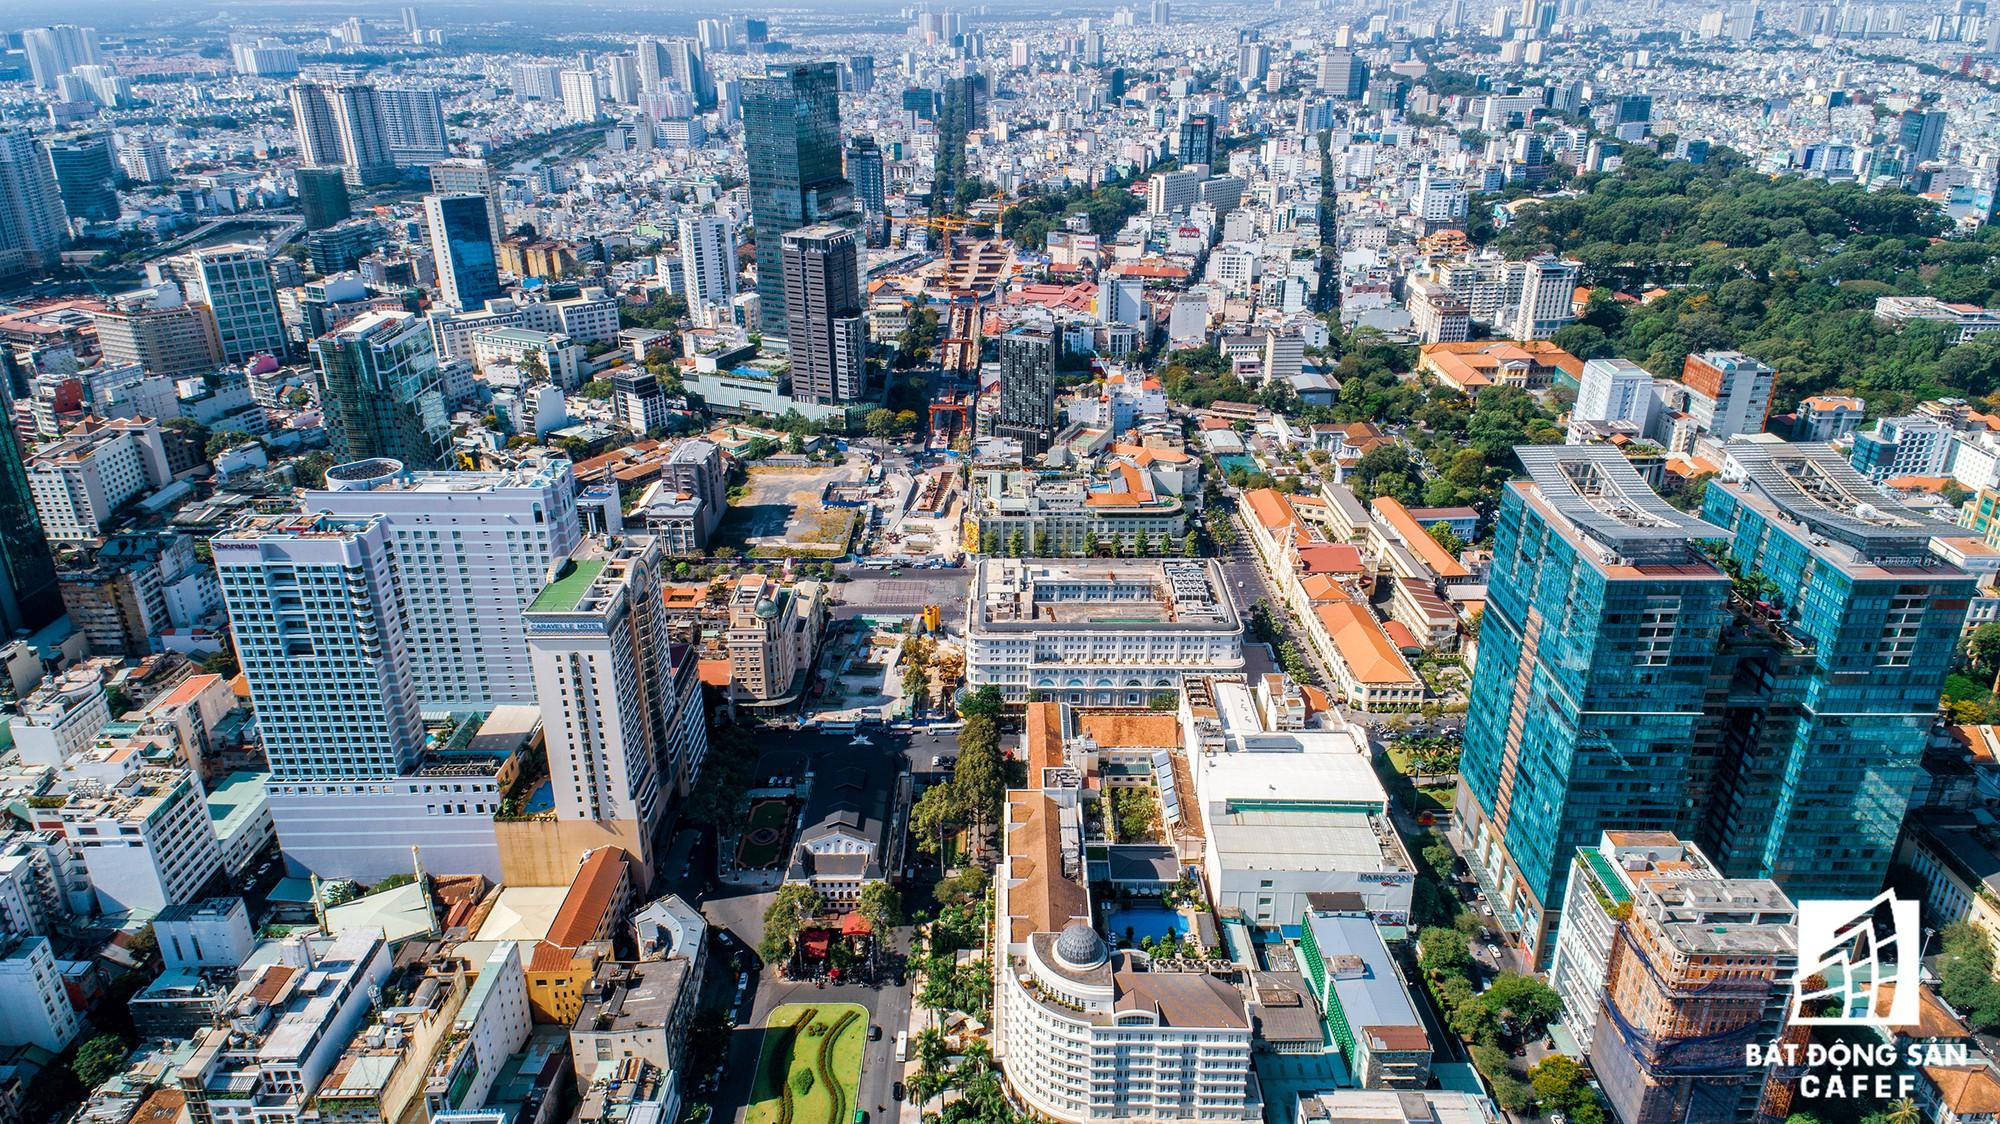 Toàn cảnh con đường có giá bất động sản đắt đỏ nhất Việt Nam, lên tới 2 tỷ đồng một m2 - Ảnh 12.